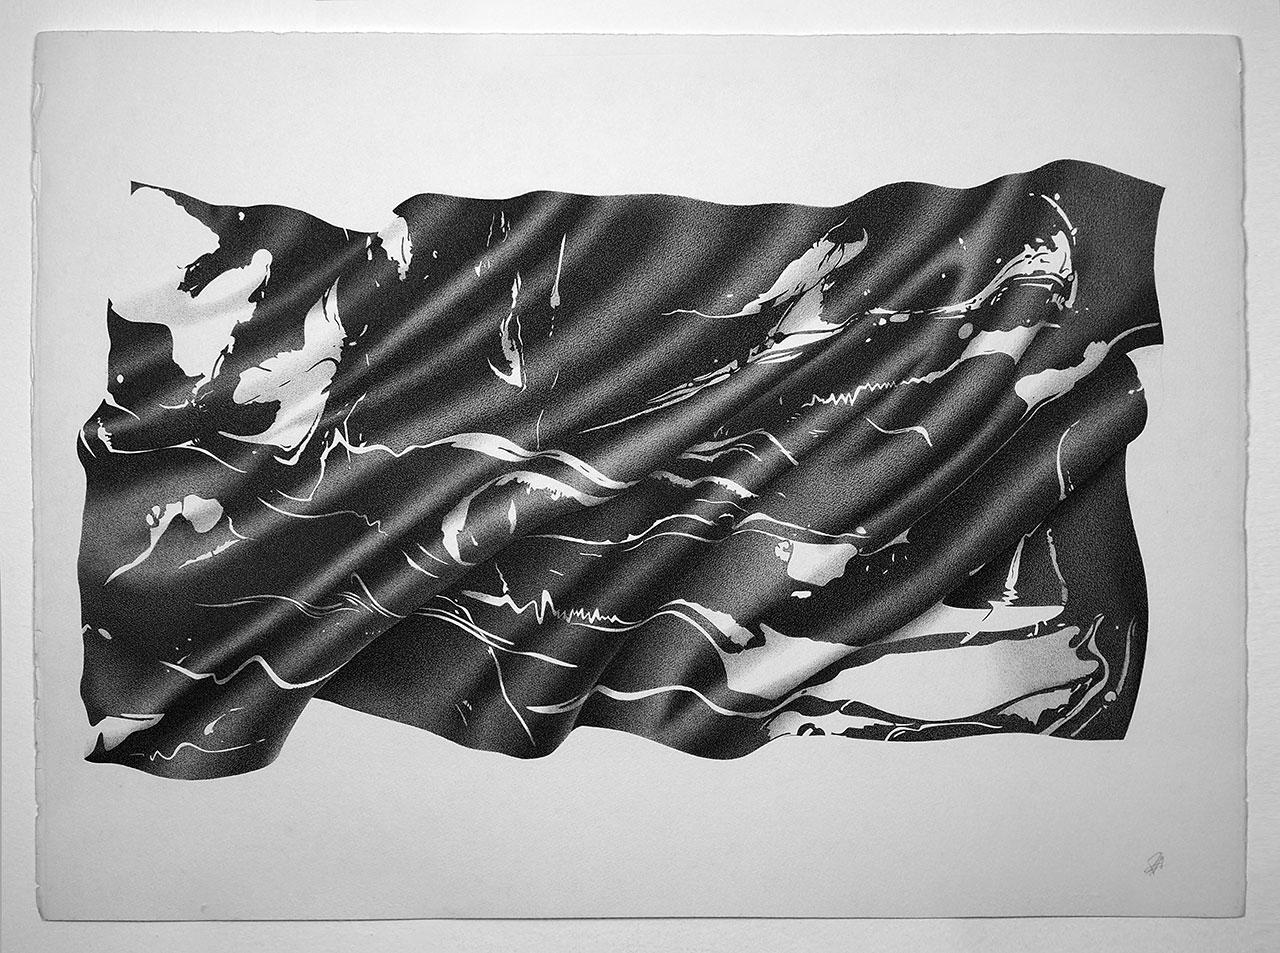 Alessandro Paglia,SOFT MARBLE, 100 x 75 cm.